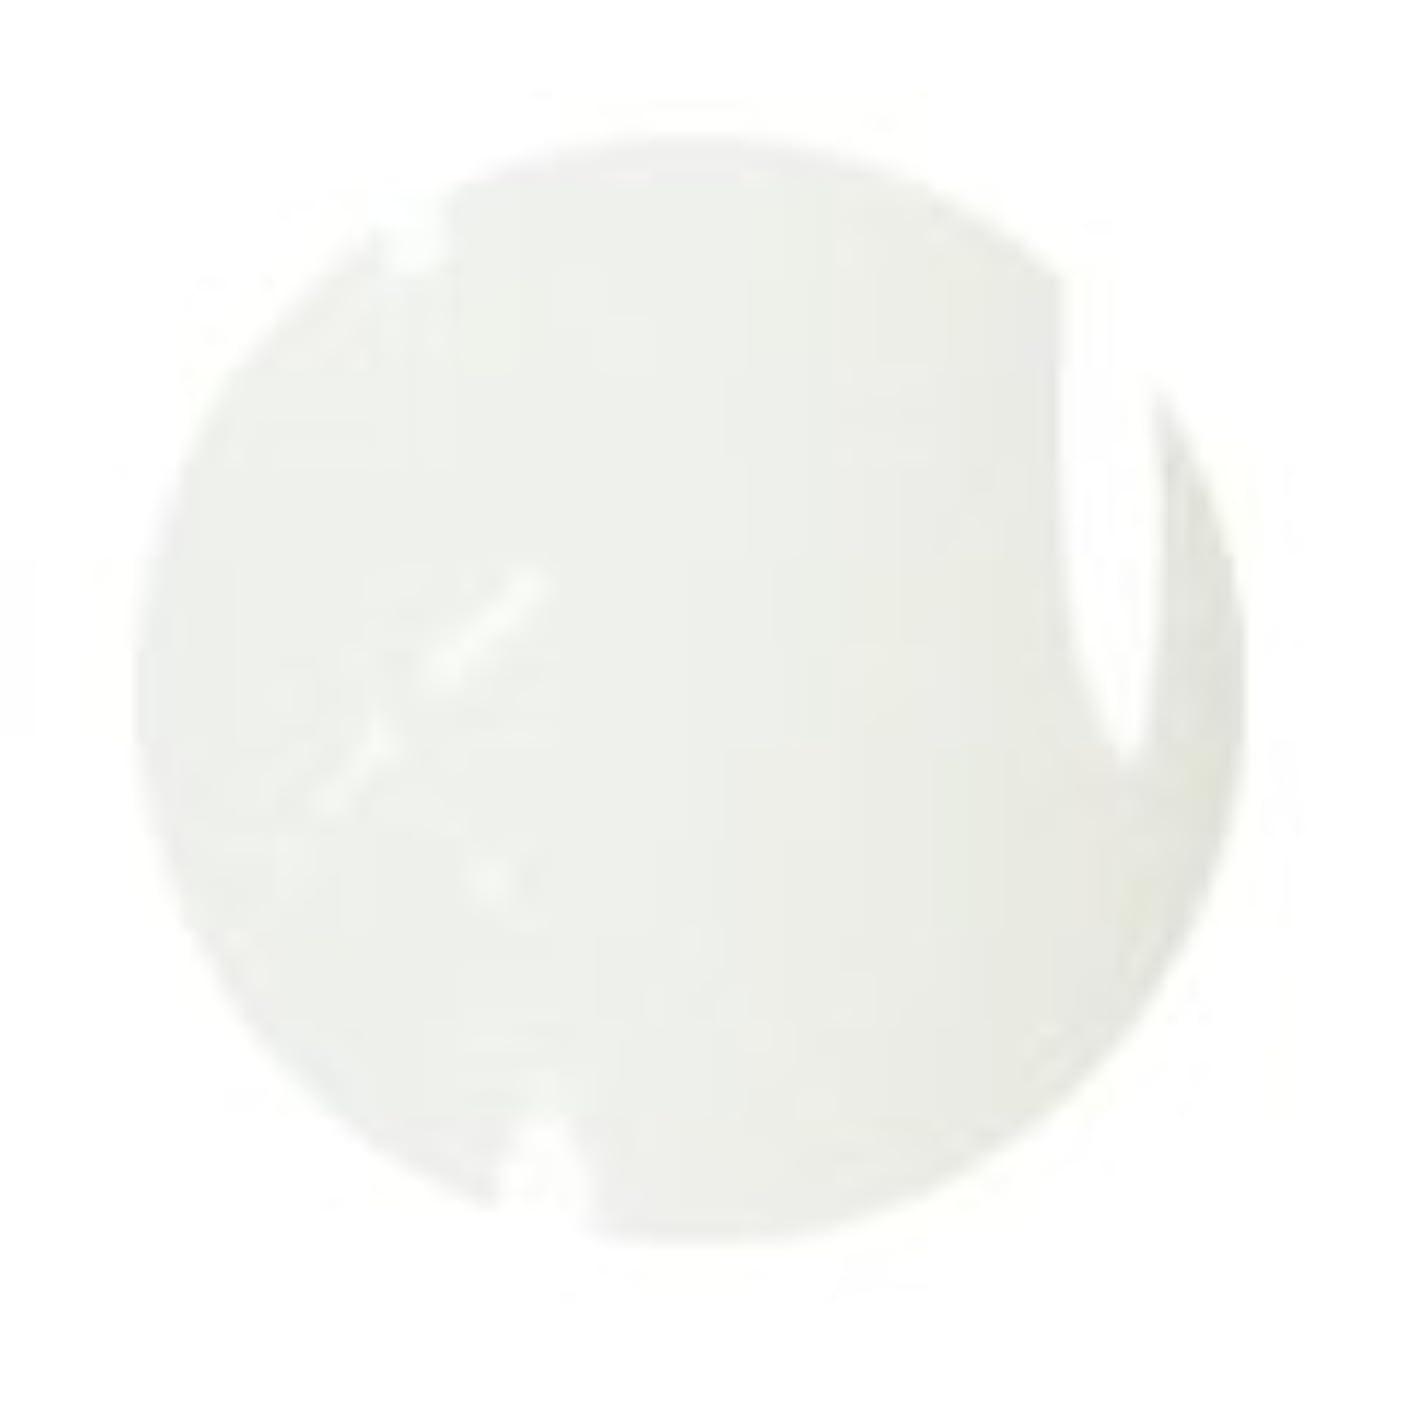 直接オリエンテーションジーンズ★DASHING DIVA(ダッシングディバ) カラージェル 4g <BR>001 スノーホワイト